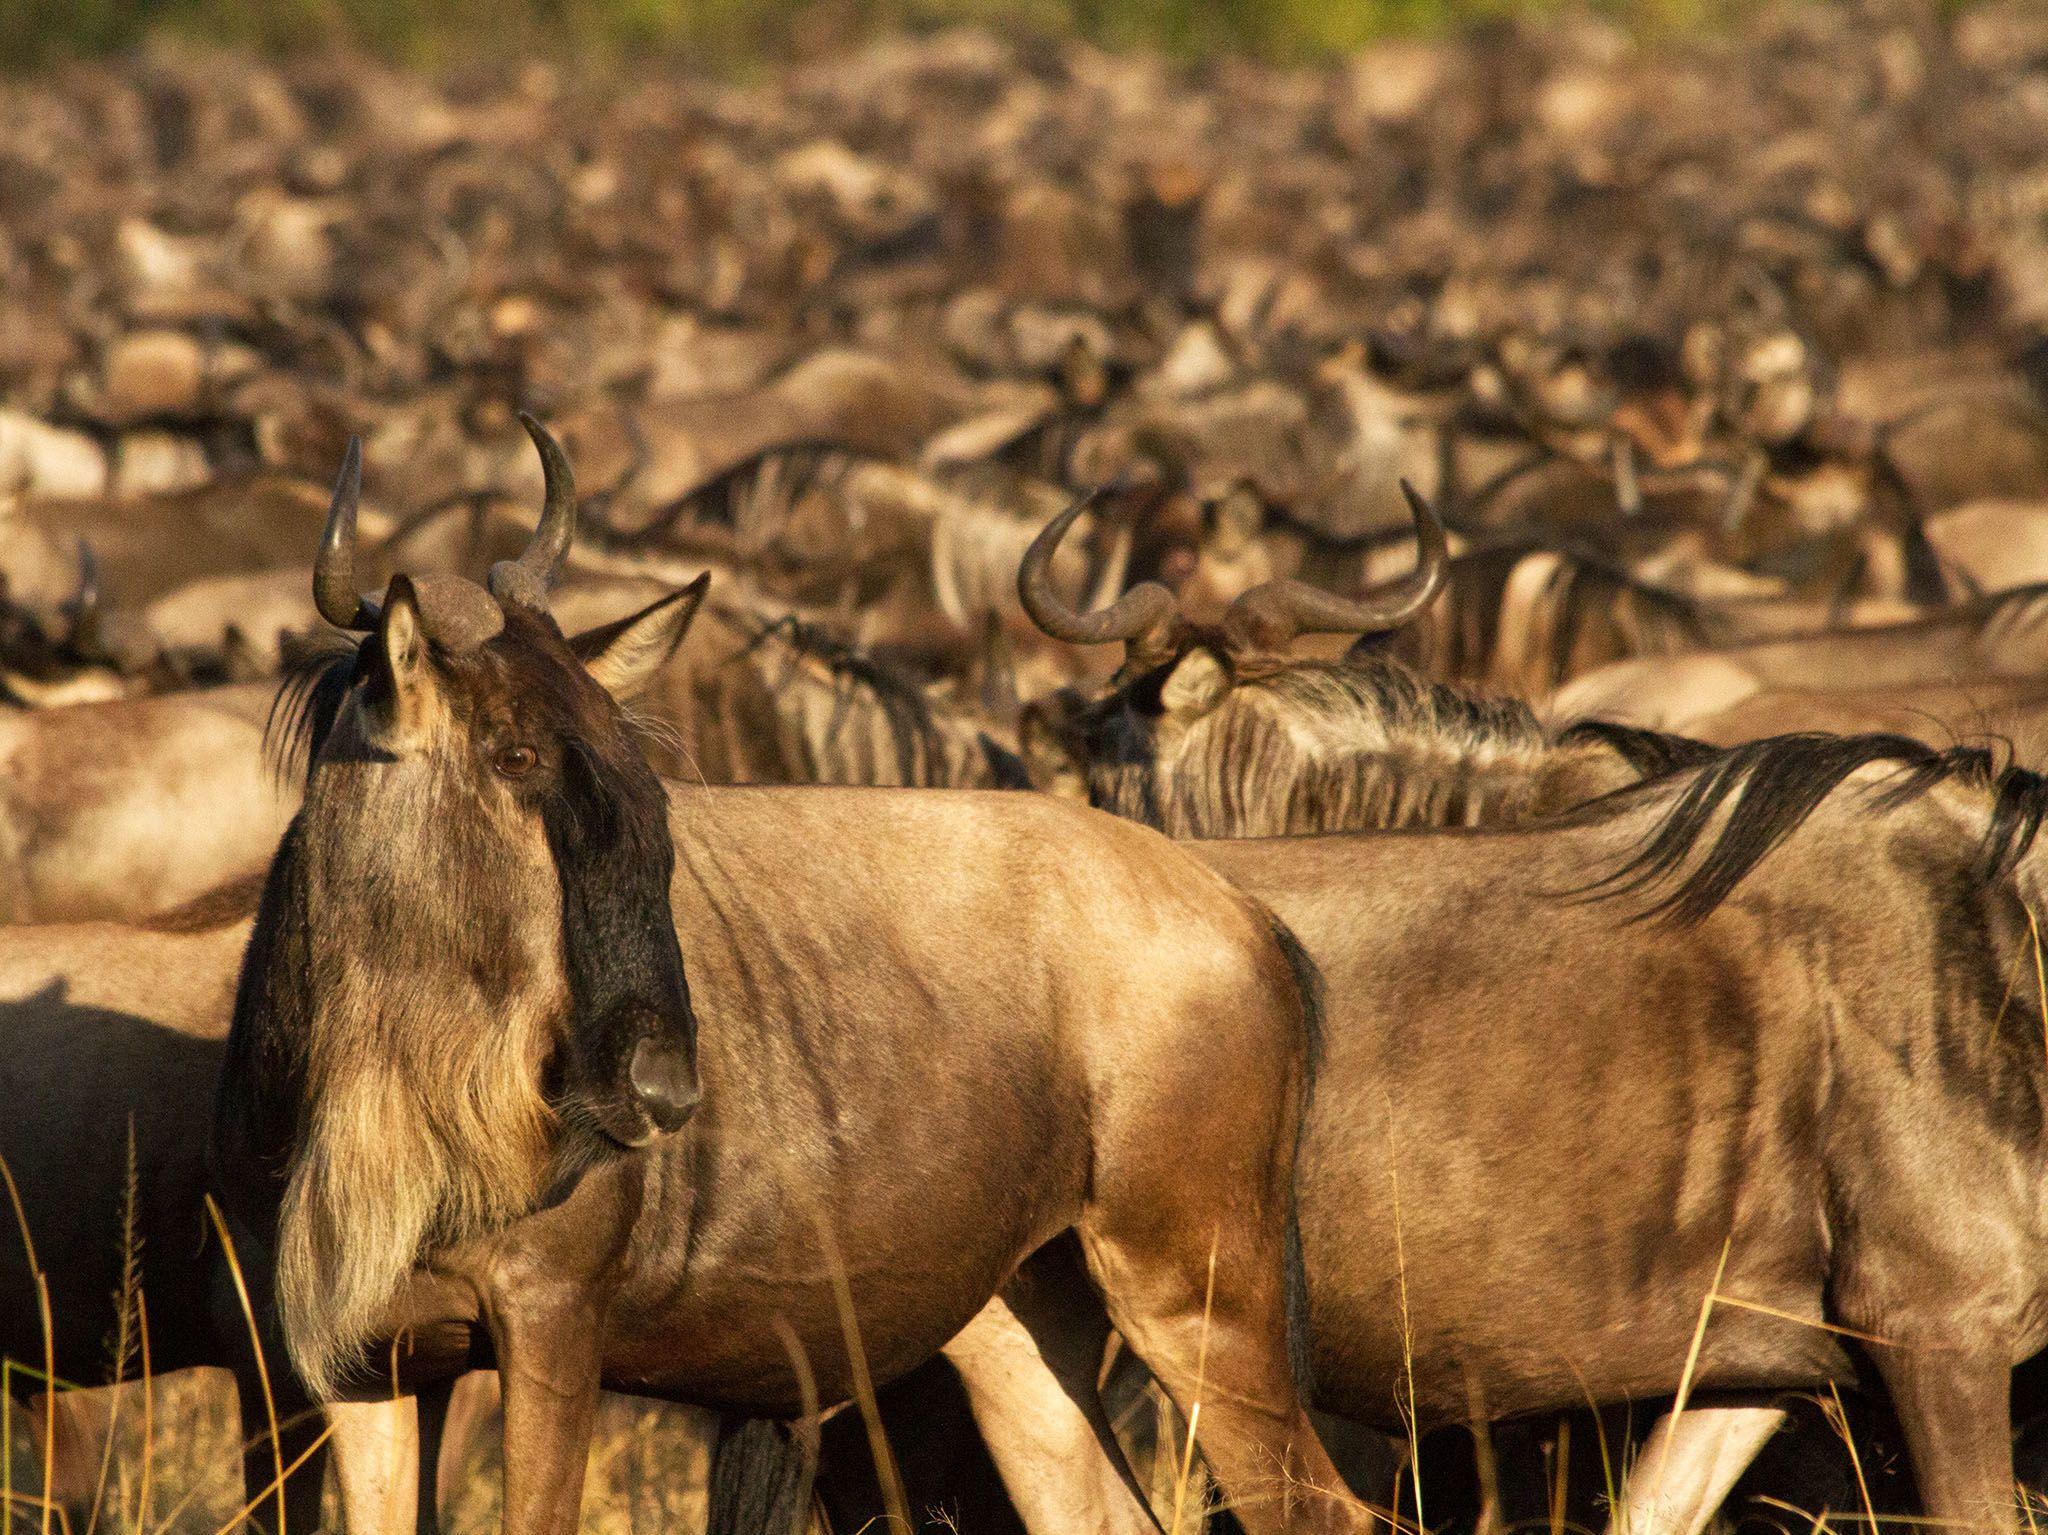 Kenya: una mandria di gnu a raccolta in attesa di attraversare  before il fiume Mara. [Foto del giorno - gennaio 2017]